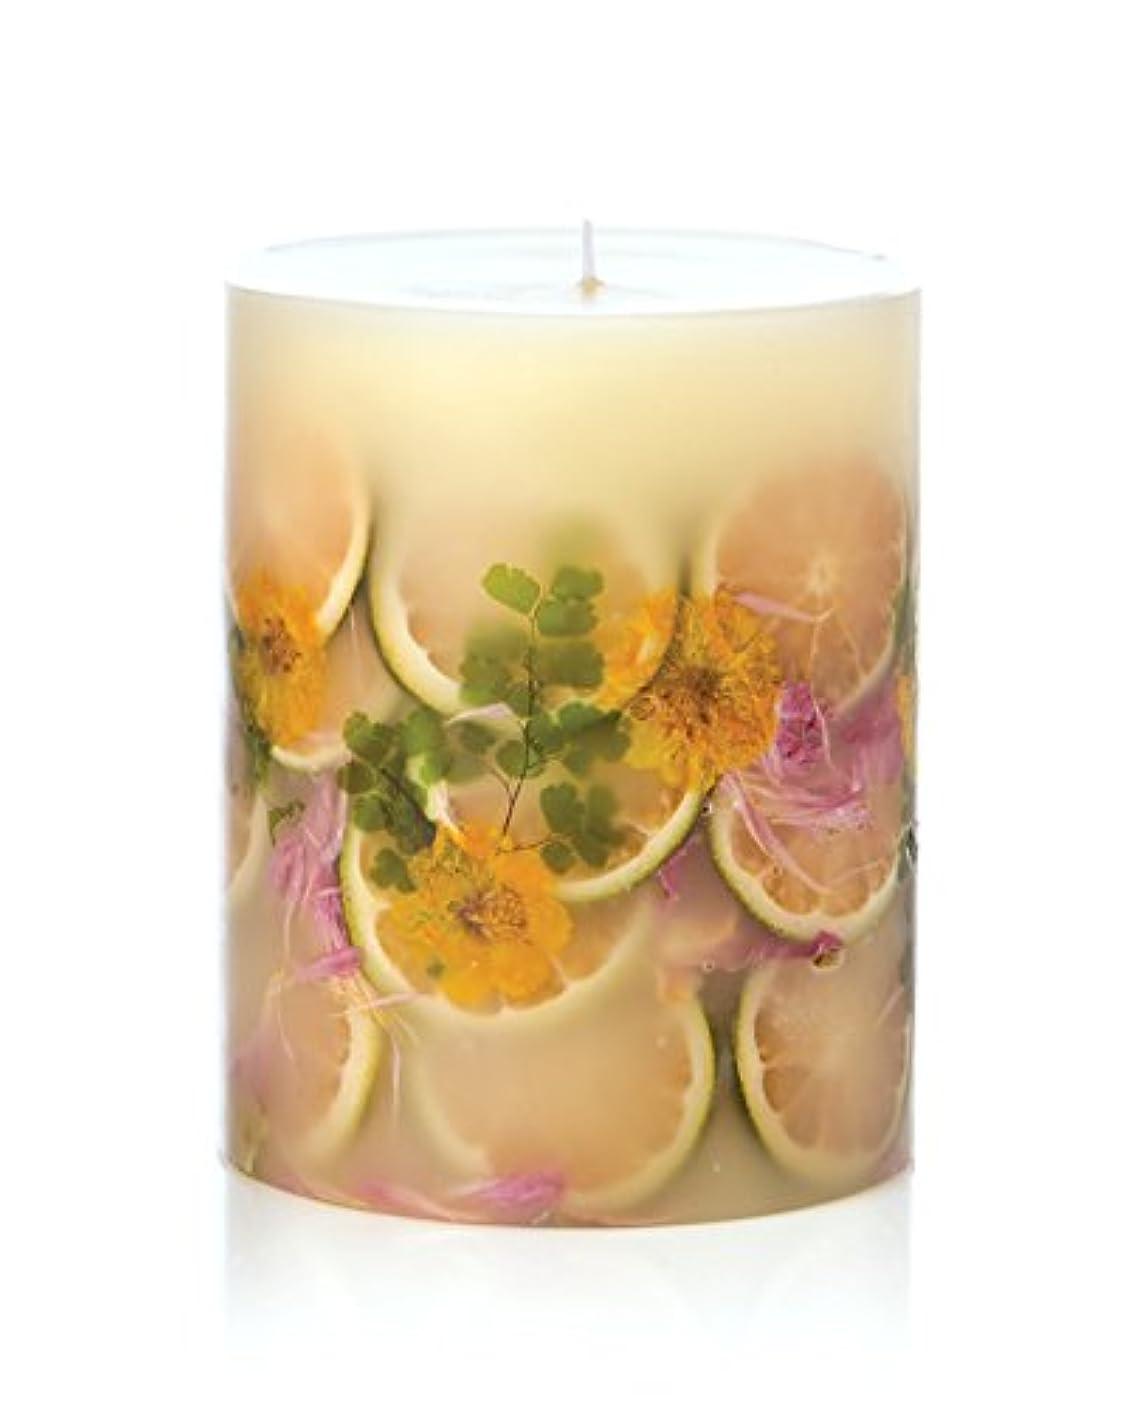 リズミカルな毎日エスニックロージーリングス ボタニカルキャンドル ラウンド レモンブロッサム&ライチ ROSY RINGS Round Botanical Candle Round – Lemon Blossom & Lychee